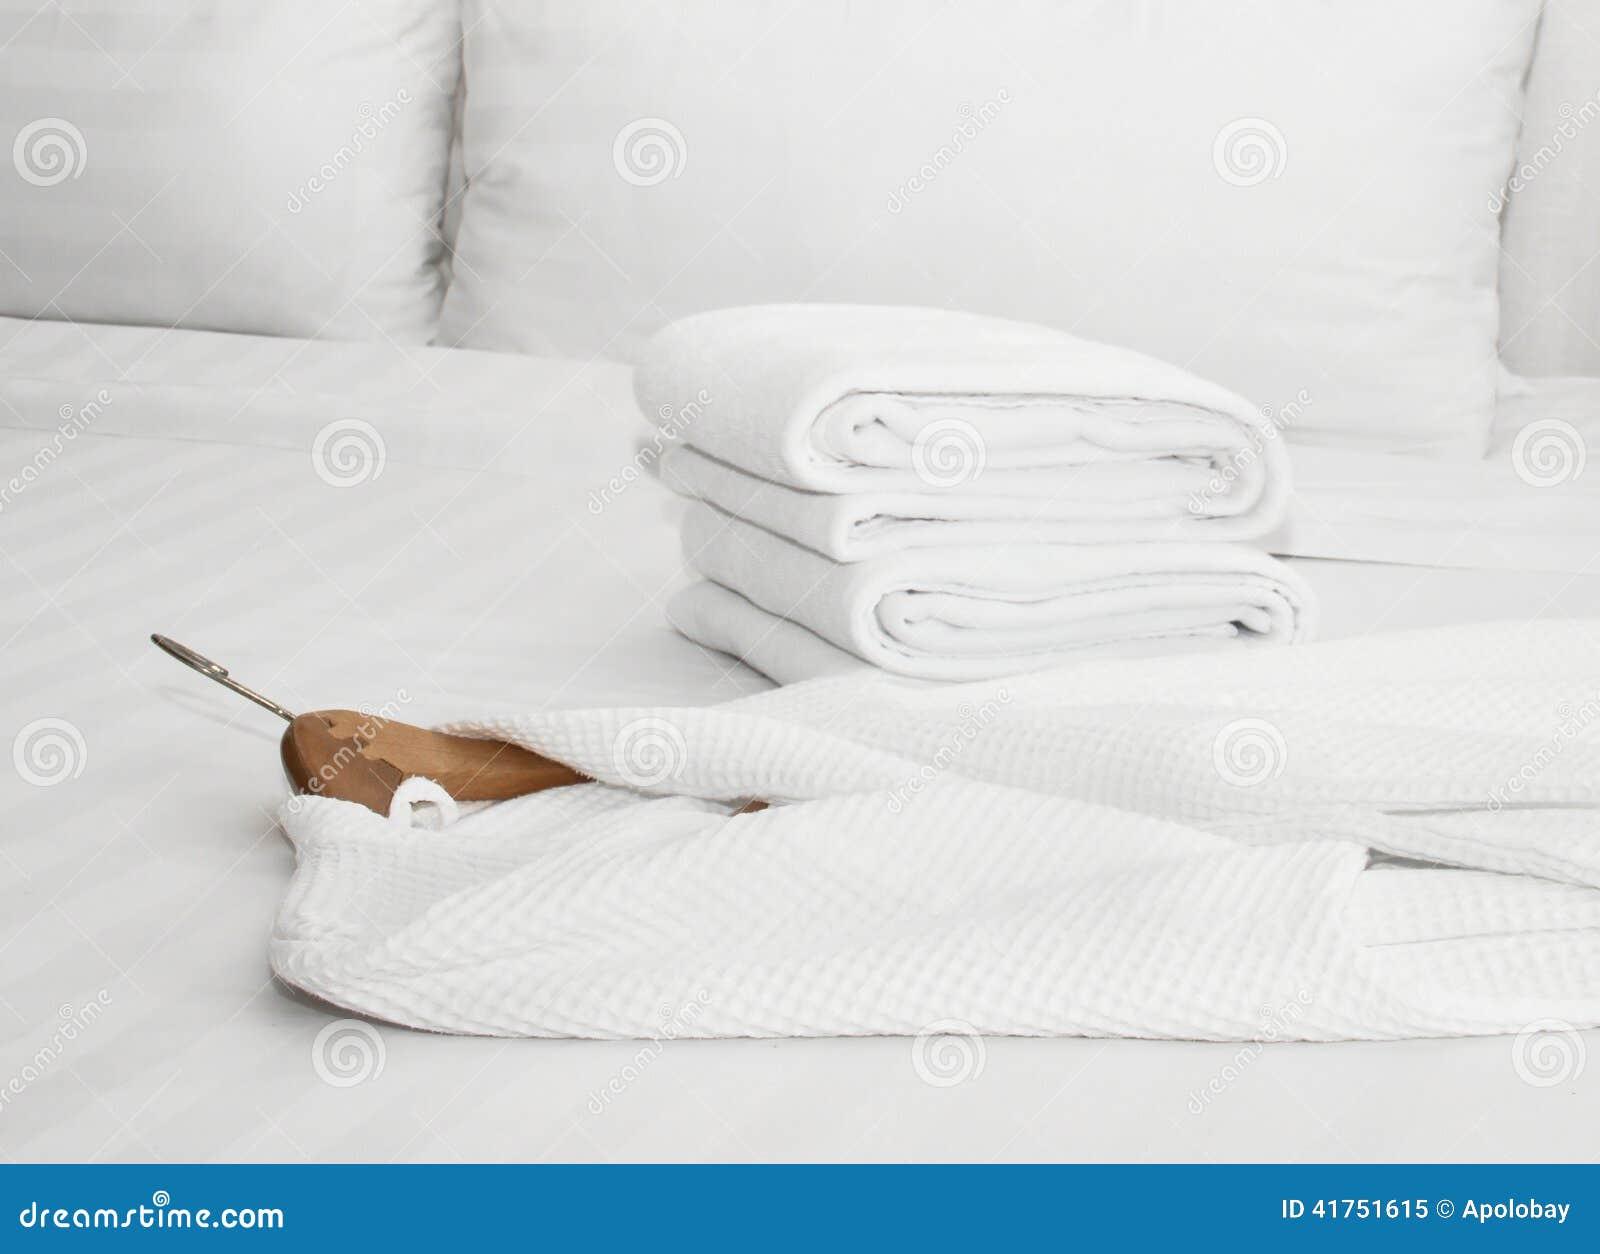 bathrobe on the bed